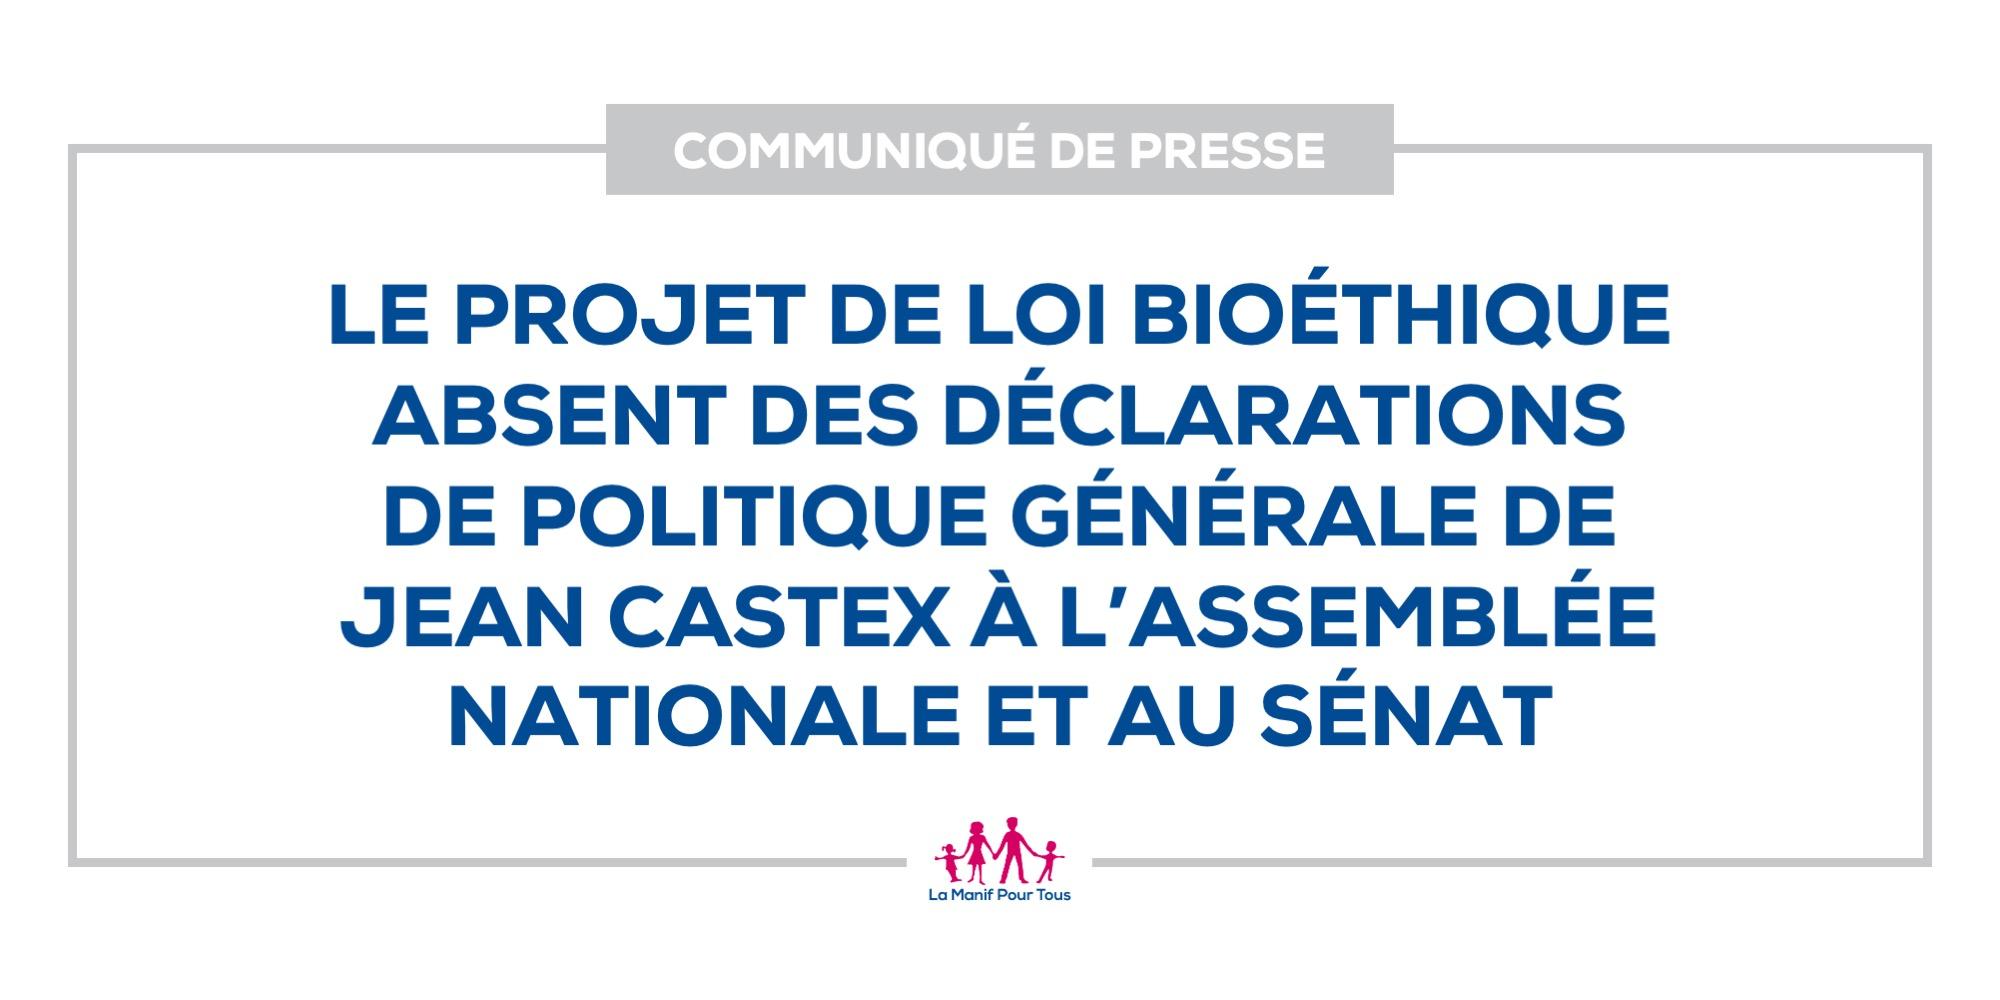 Image - Le projet de loi bioéthique absent des déclarations de politique générale de Jean Castex à l'Assemblée nationale et au Sénat